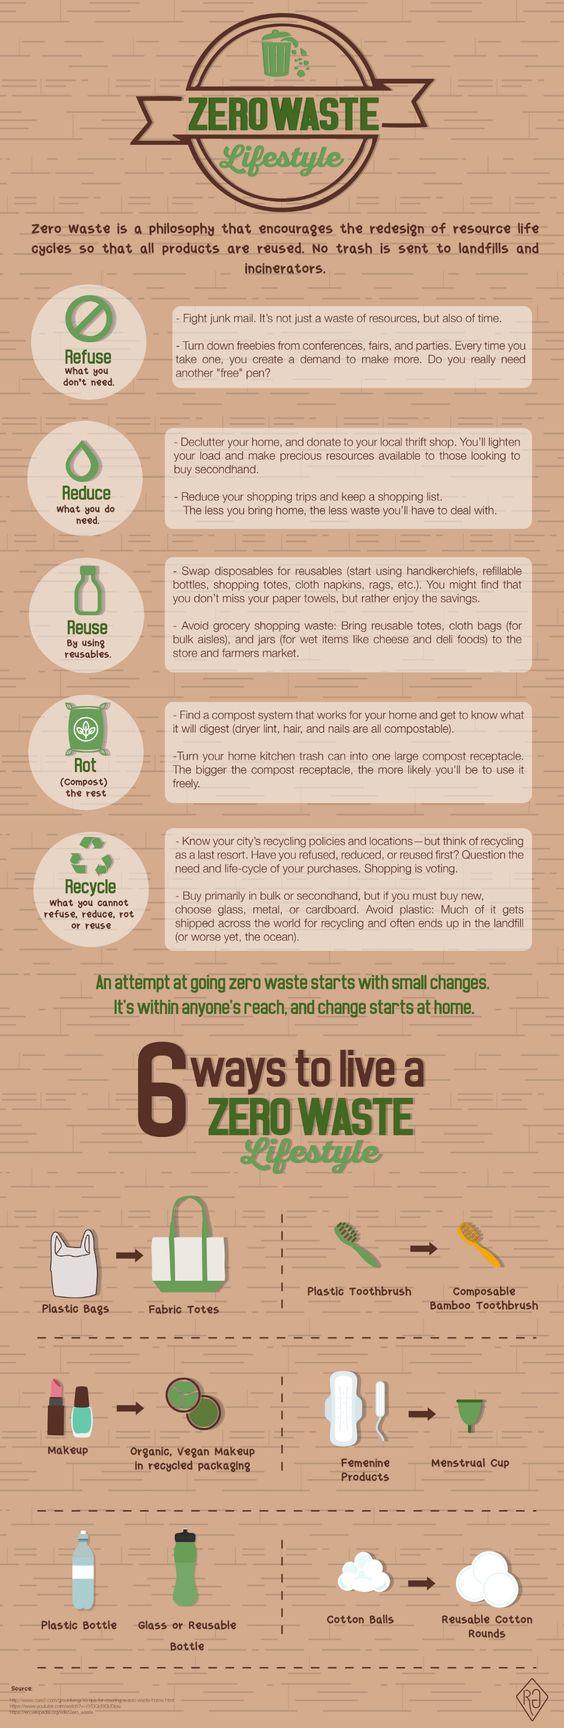 Zero Waste Lifestyle [Infographic] | ecogreenlove